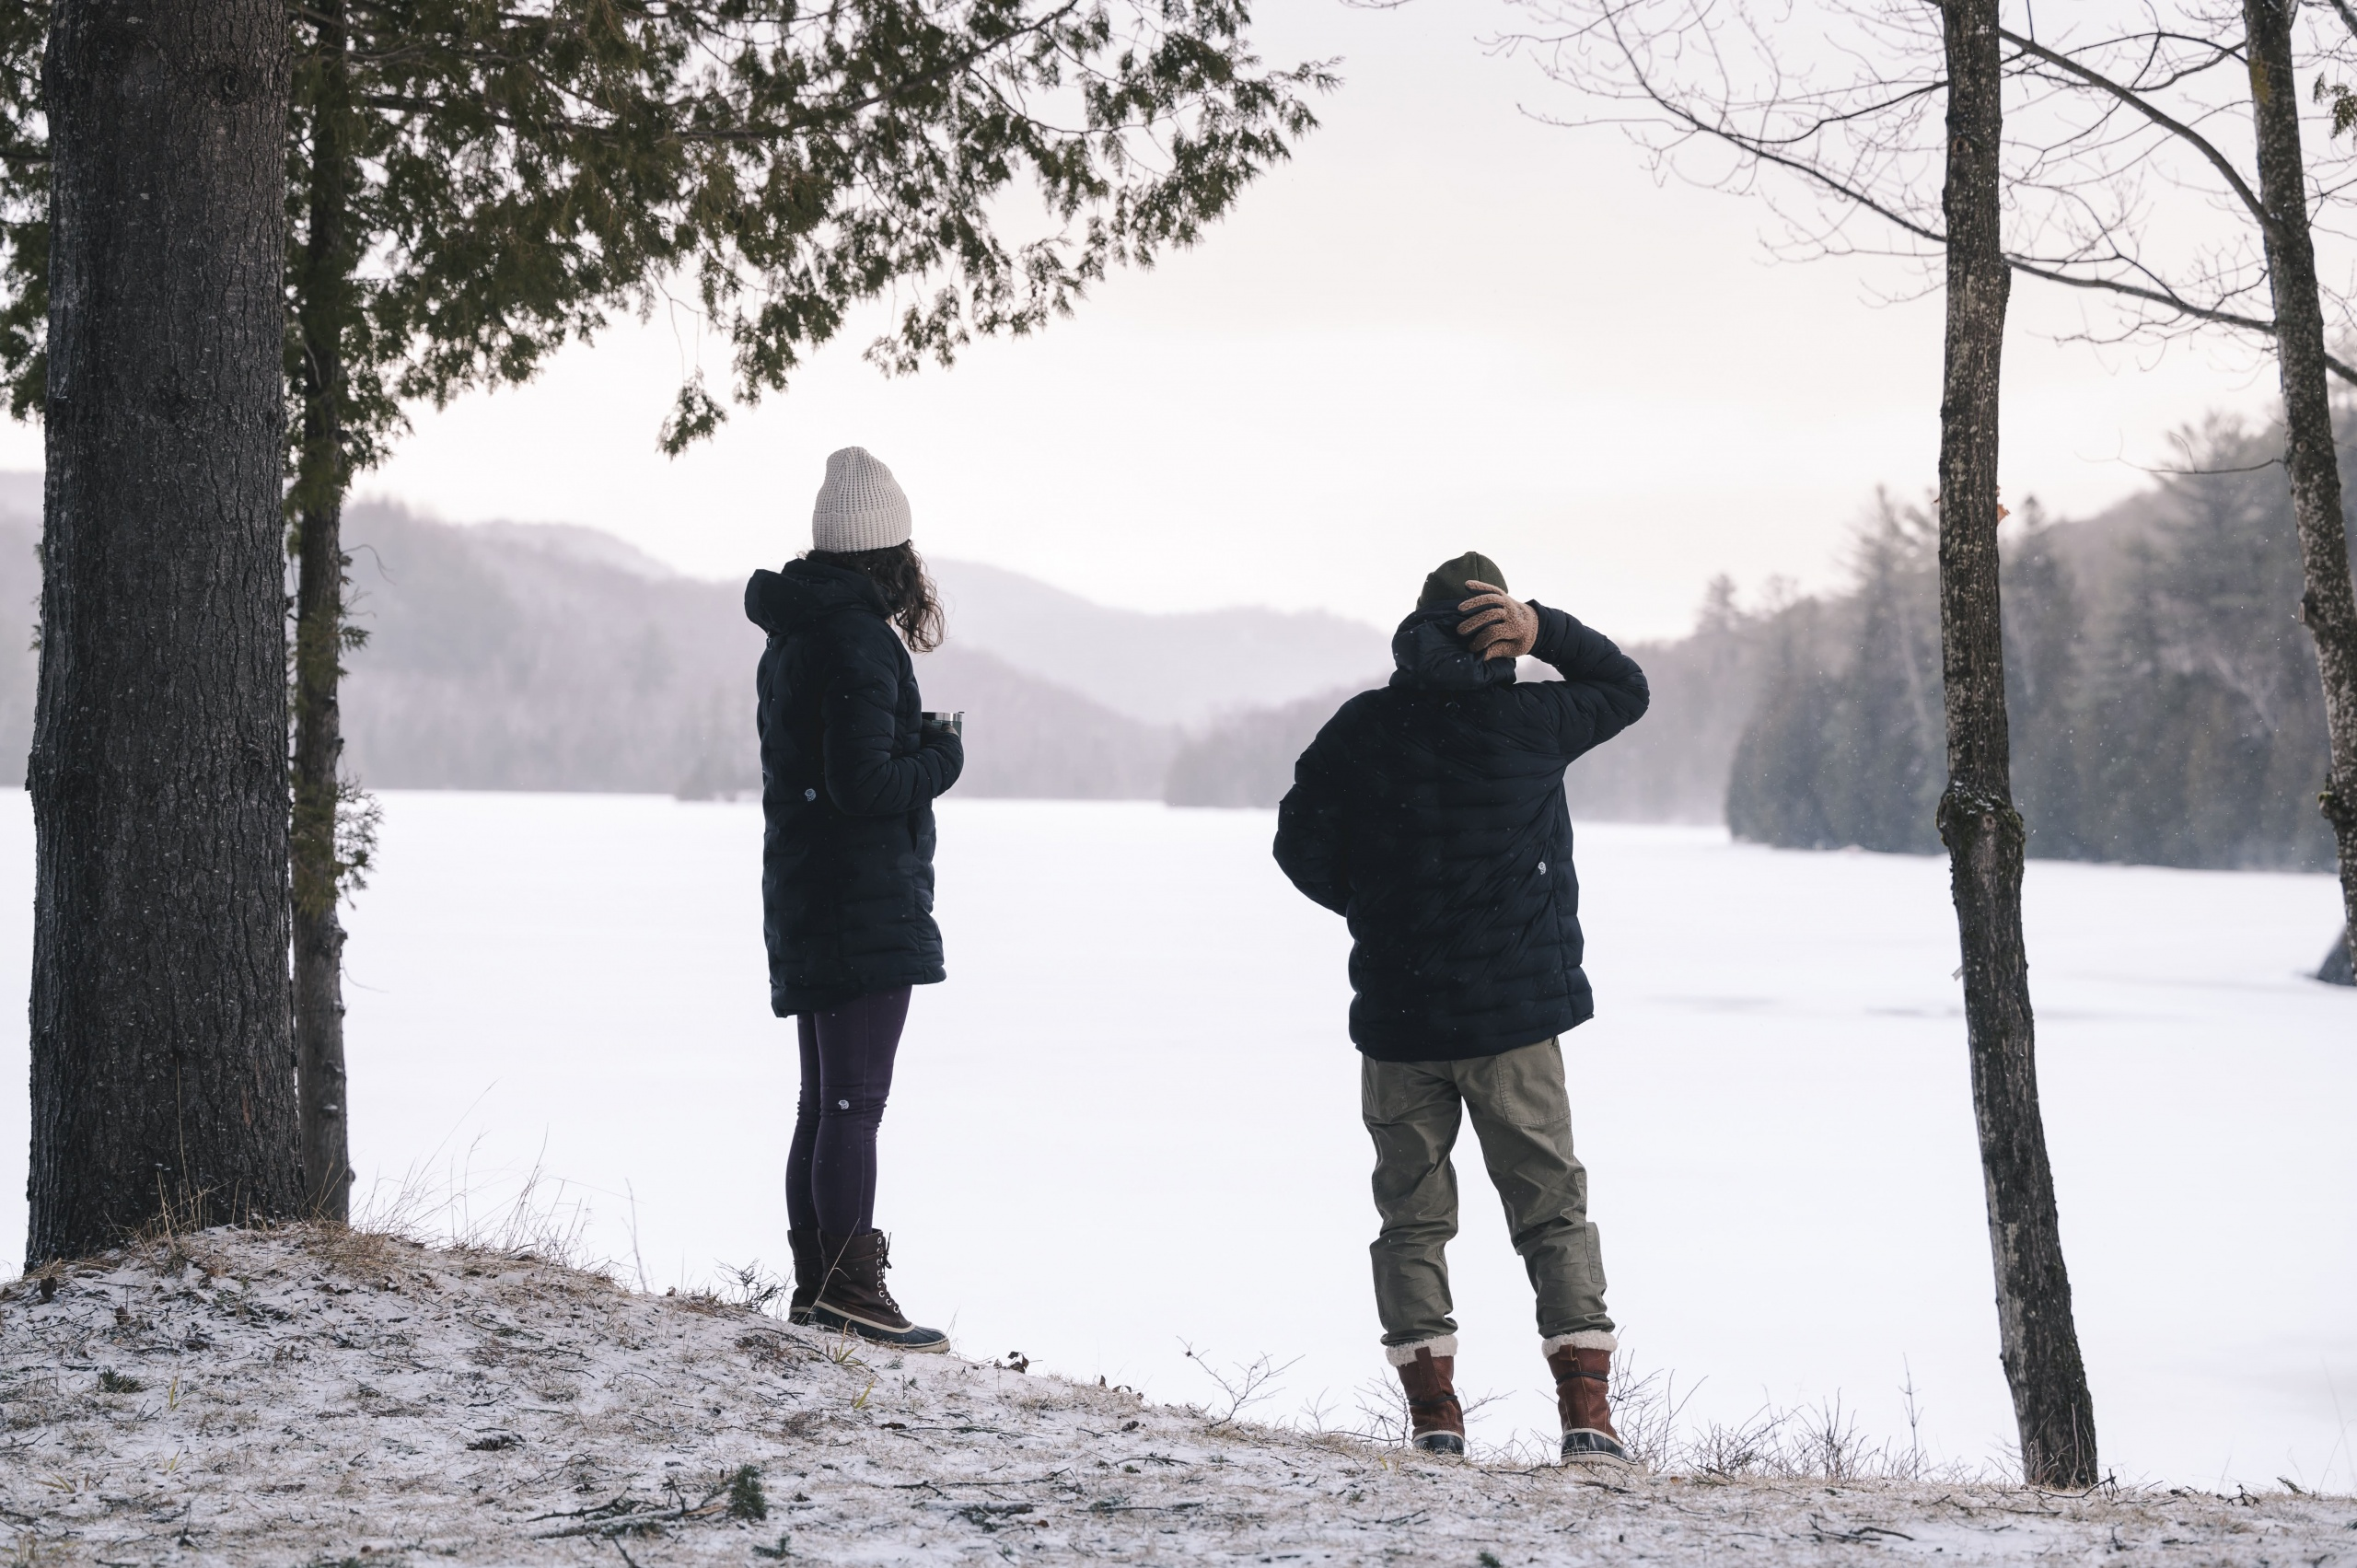 Marque en vedette: Faites la connaissance de Mountain Hardwear, la plus récente marque offerte chez Sporting Life